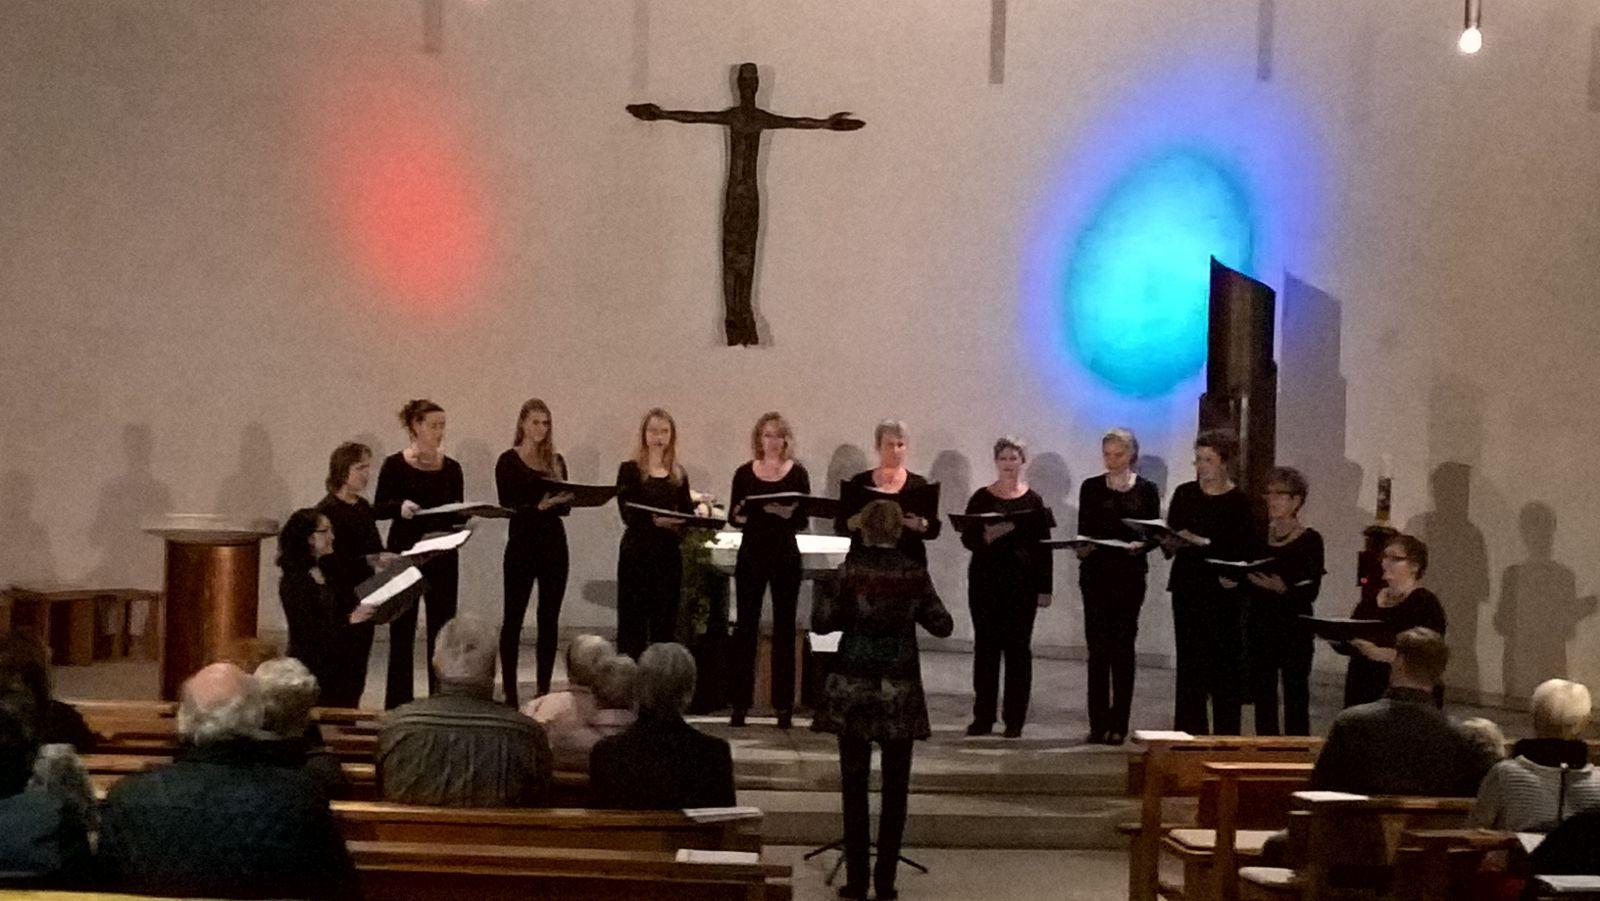 da pacem - Konzert 2016 -  in Bempflingen